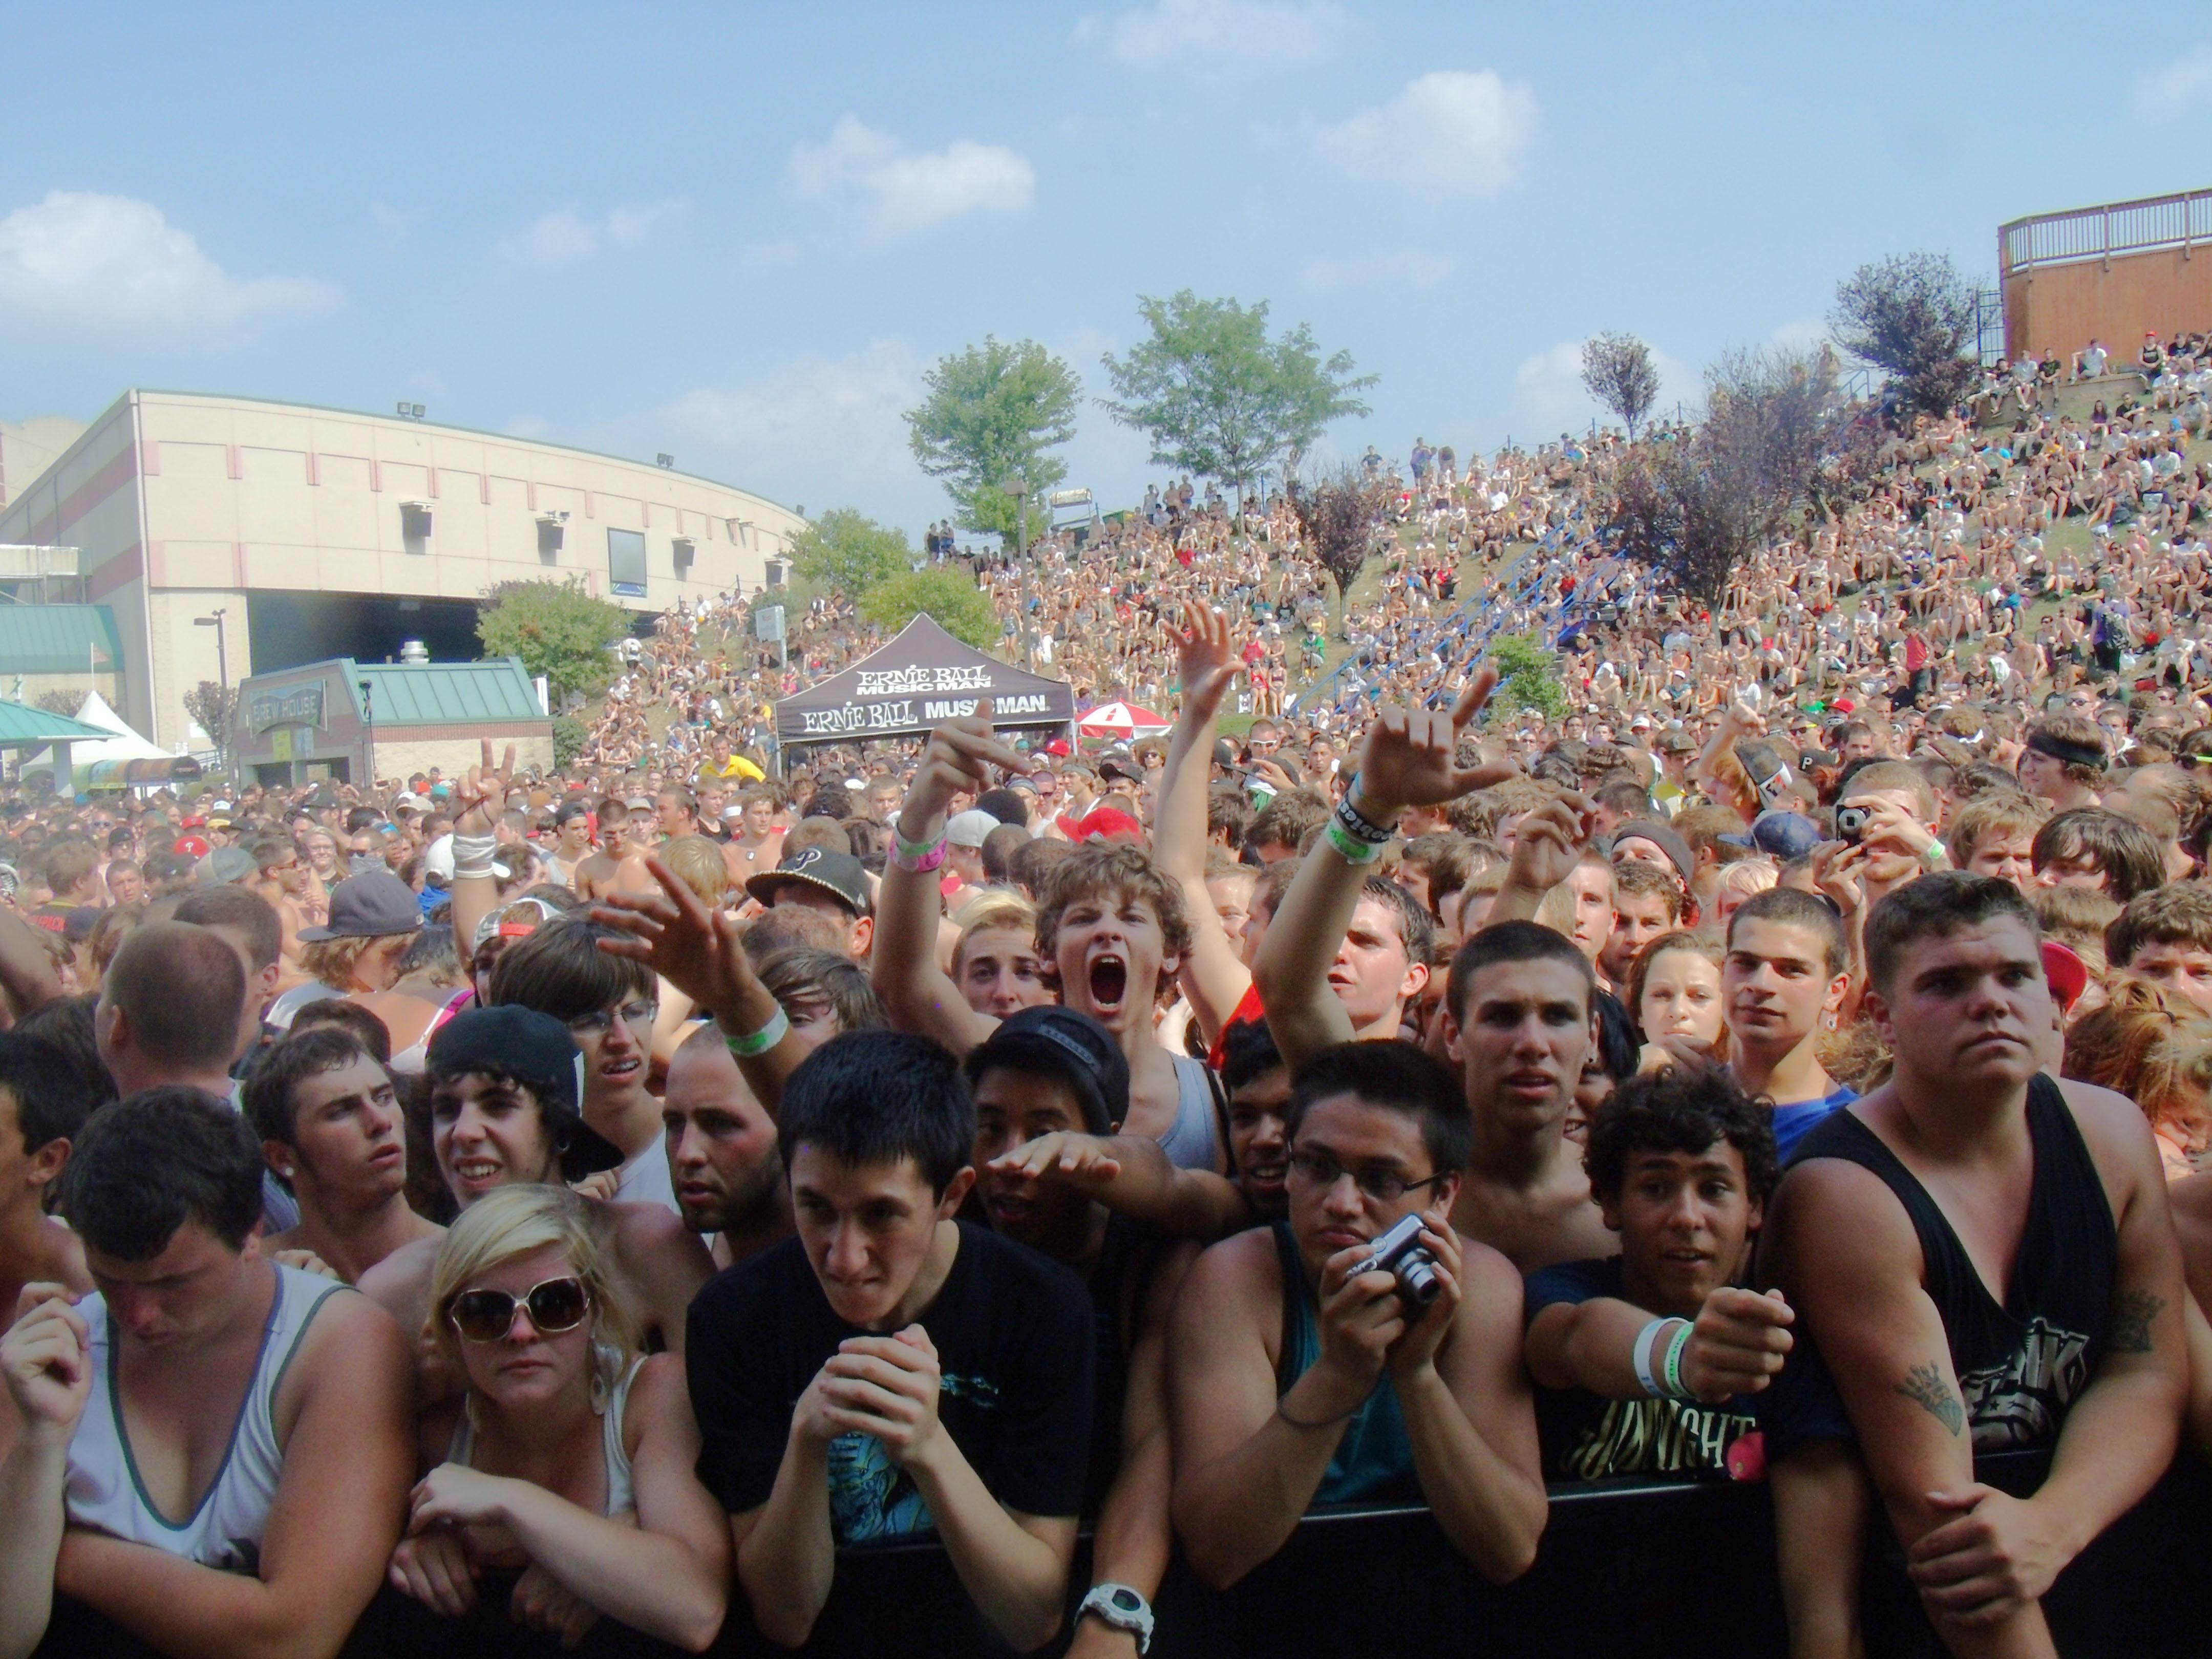 Warped Tour Crowd (Photo: Joey Higgins)